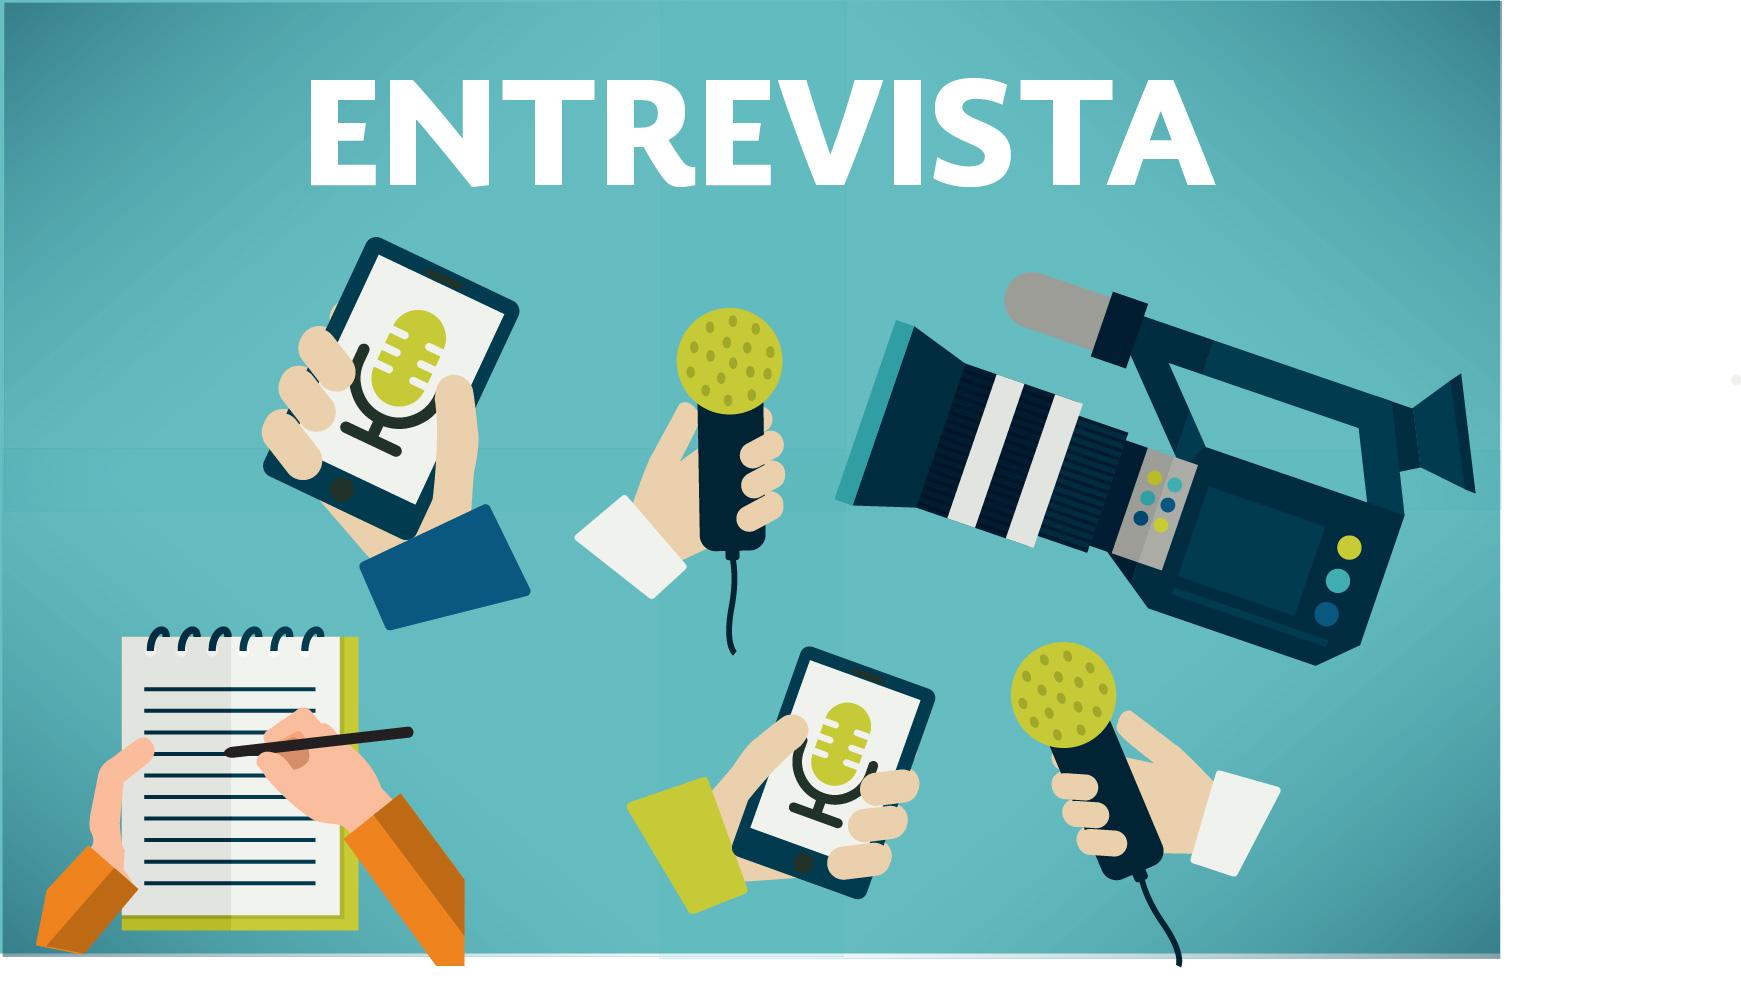 Entrevista What